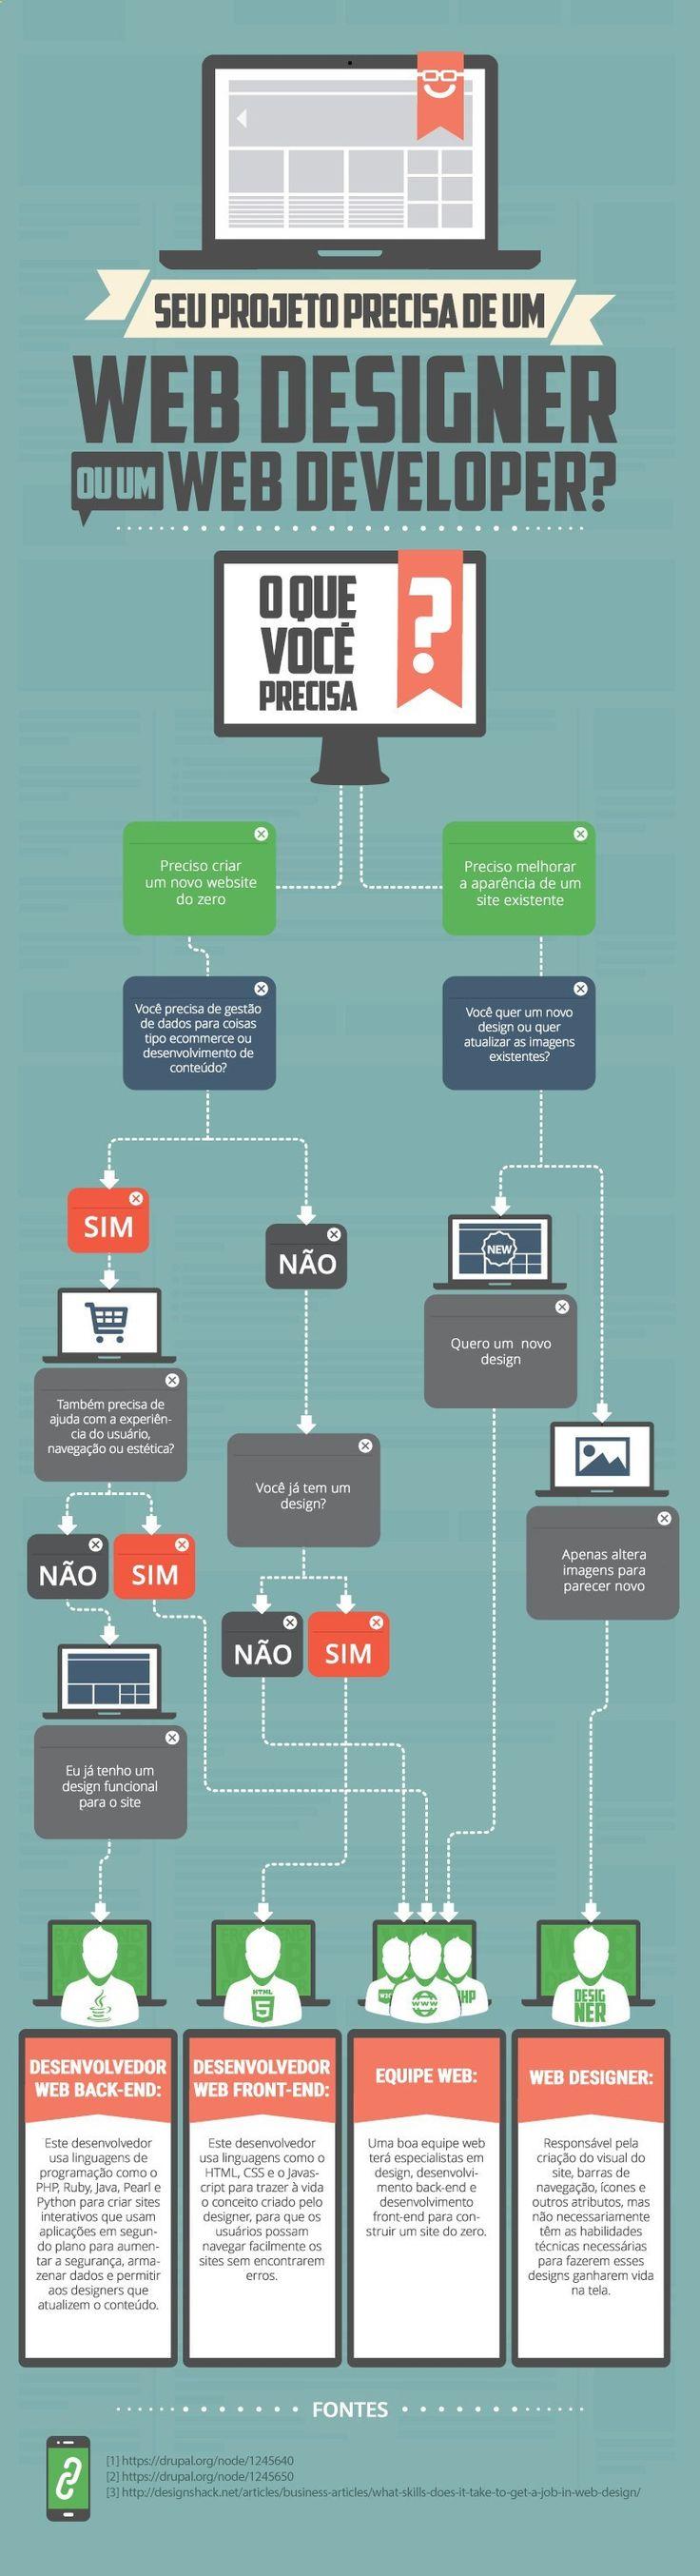 Infográfico: Web Desinger ou Desenvolvedor Web?